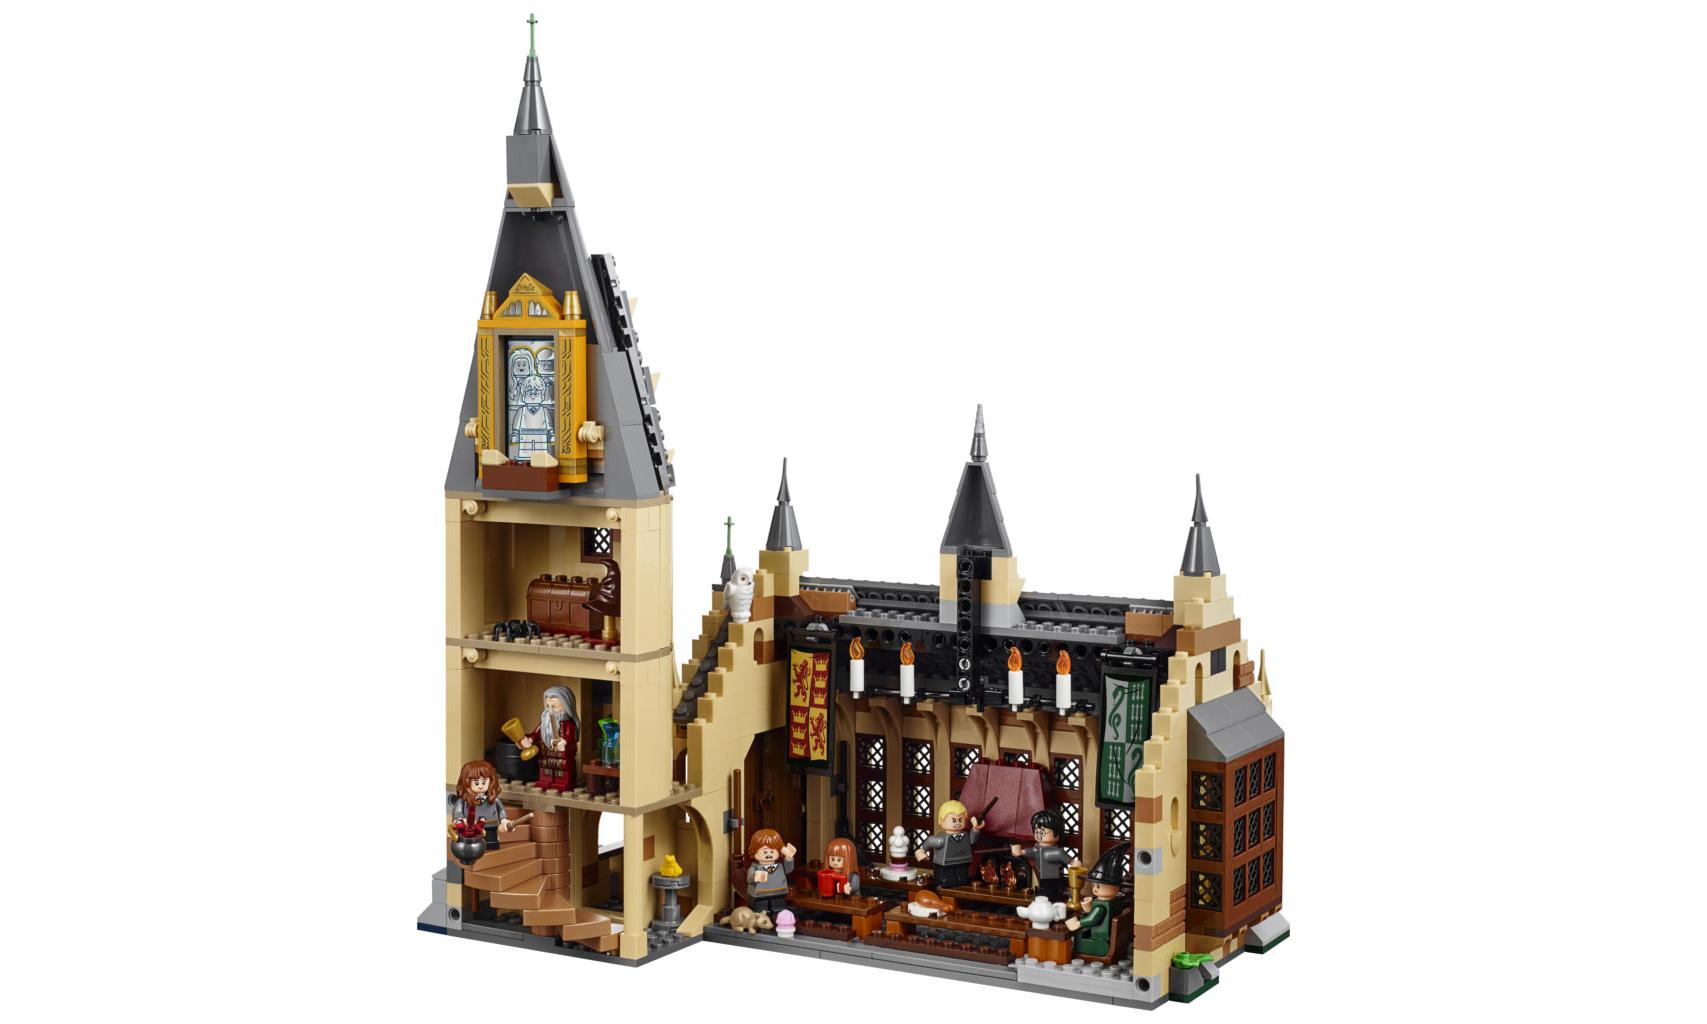 魔法迷必入!LEGO 发布霍格沃茨城堡套装